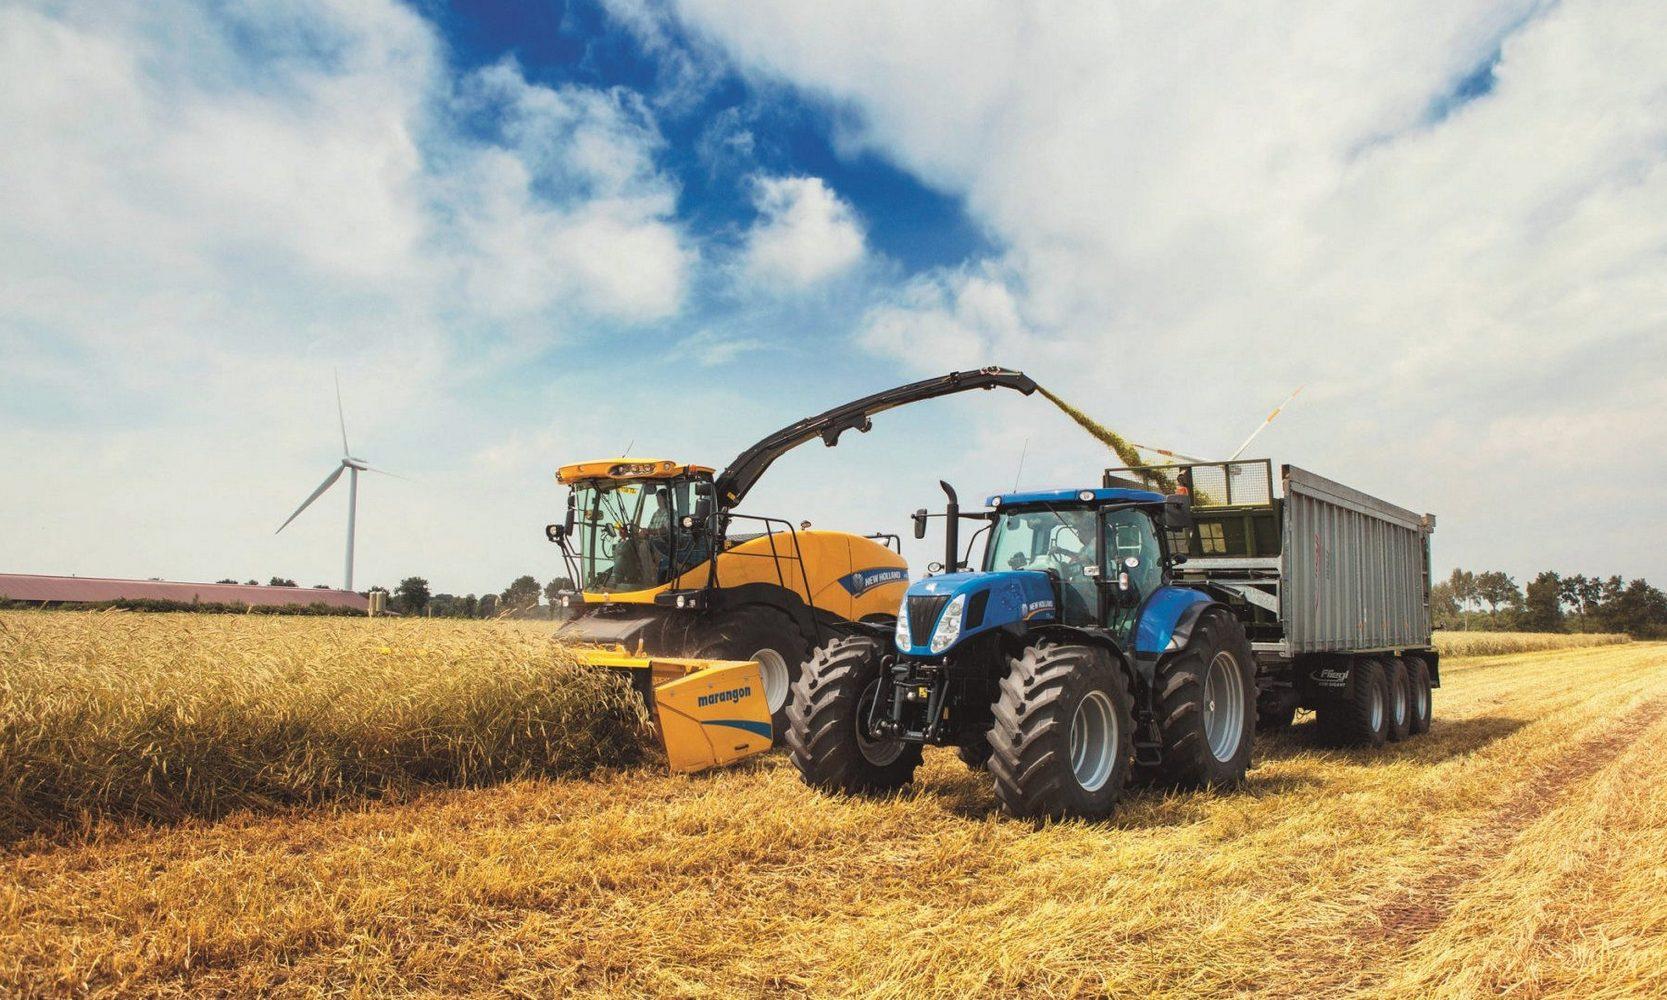 загрязнение почвы при работе сельхозтранспорта